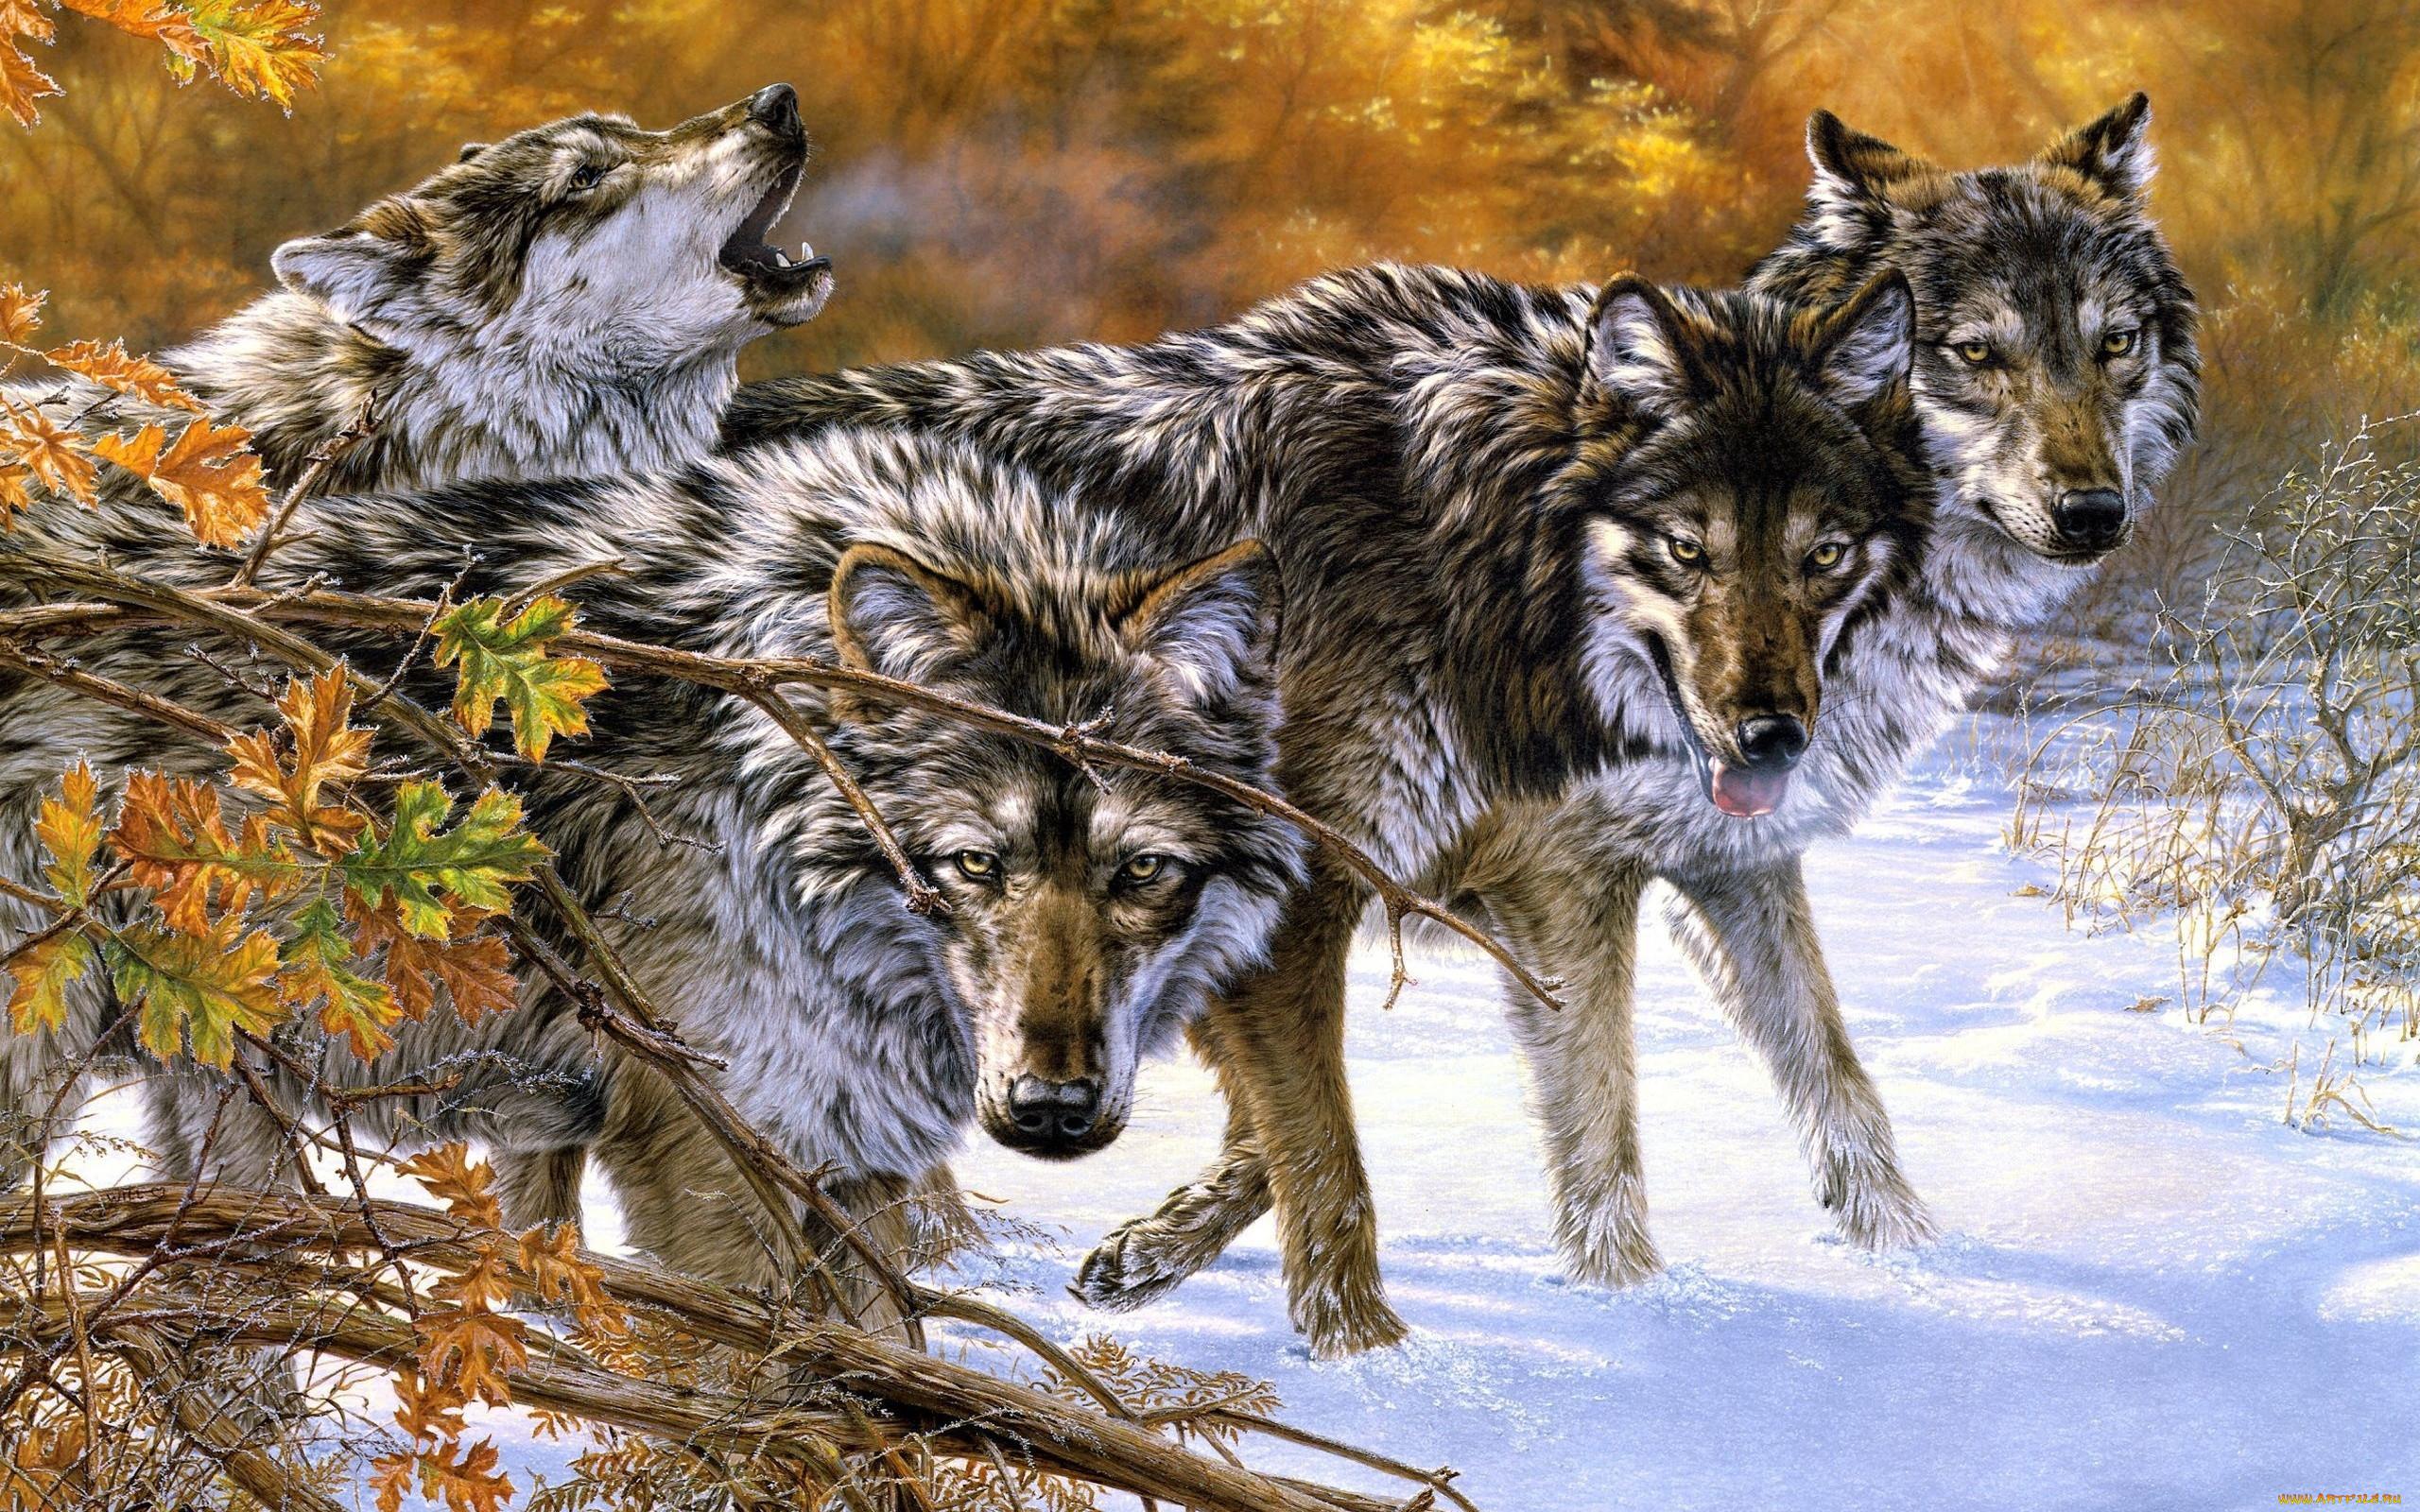 картинки стай волков для рабочего стола сегодняшний день